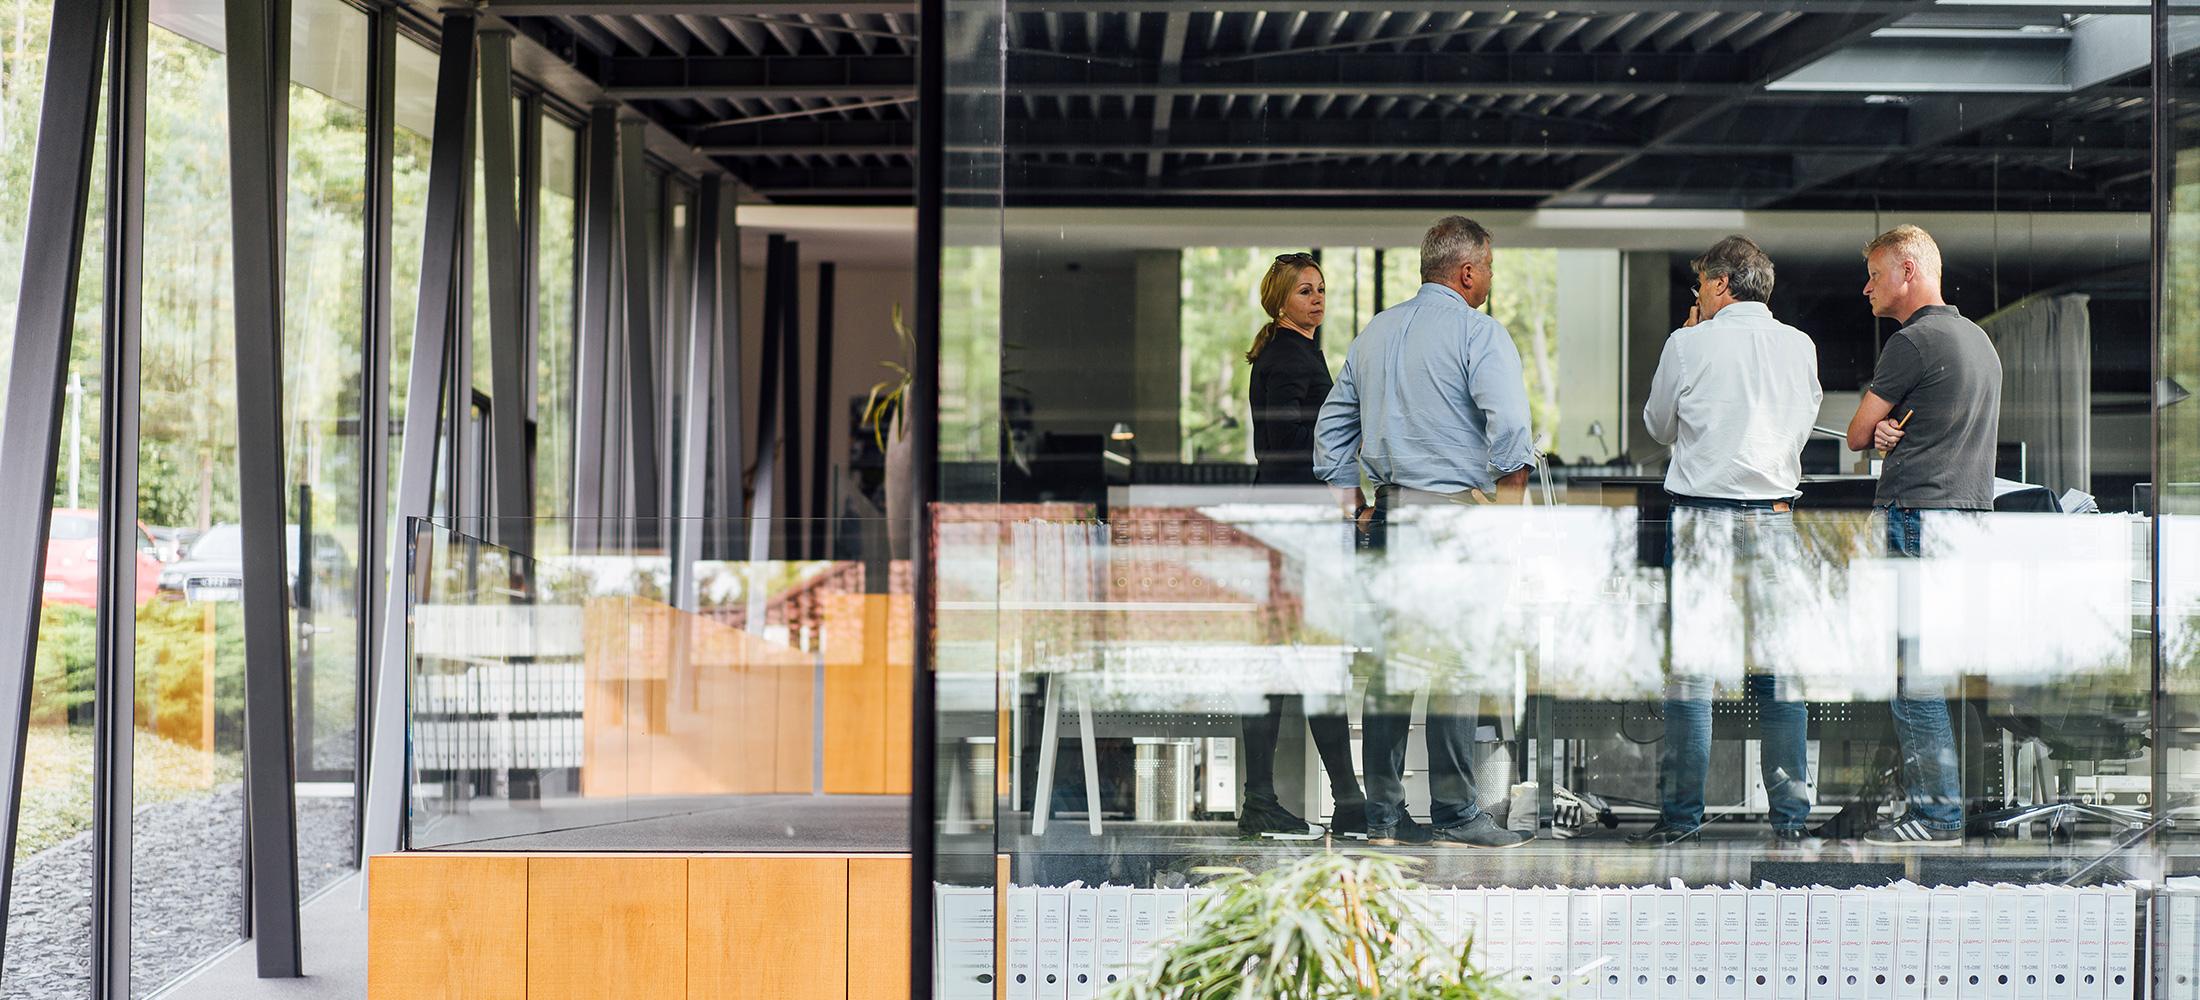 Offene stellen schmelzle partner mbb architekten bda for Stellenanzeigen architekt